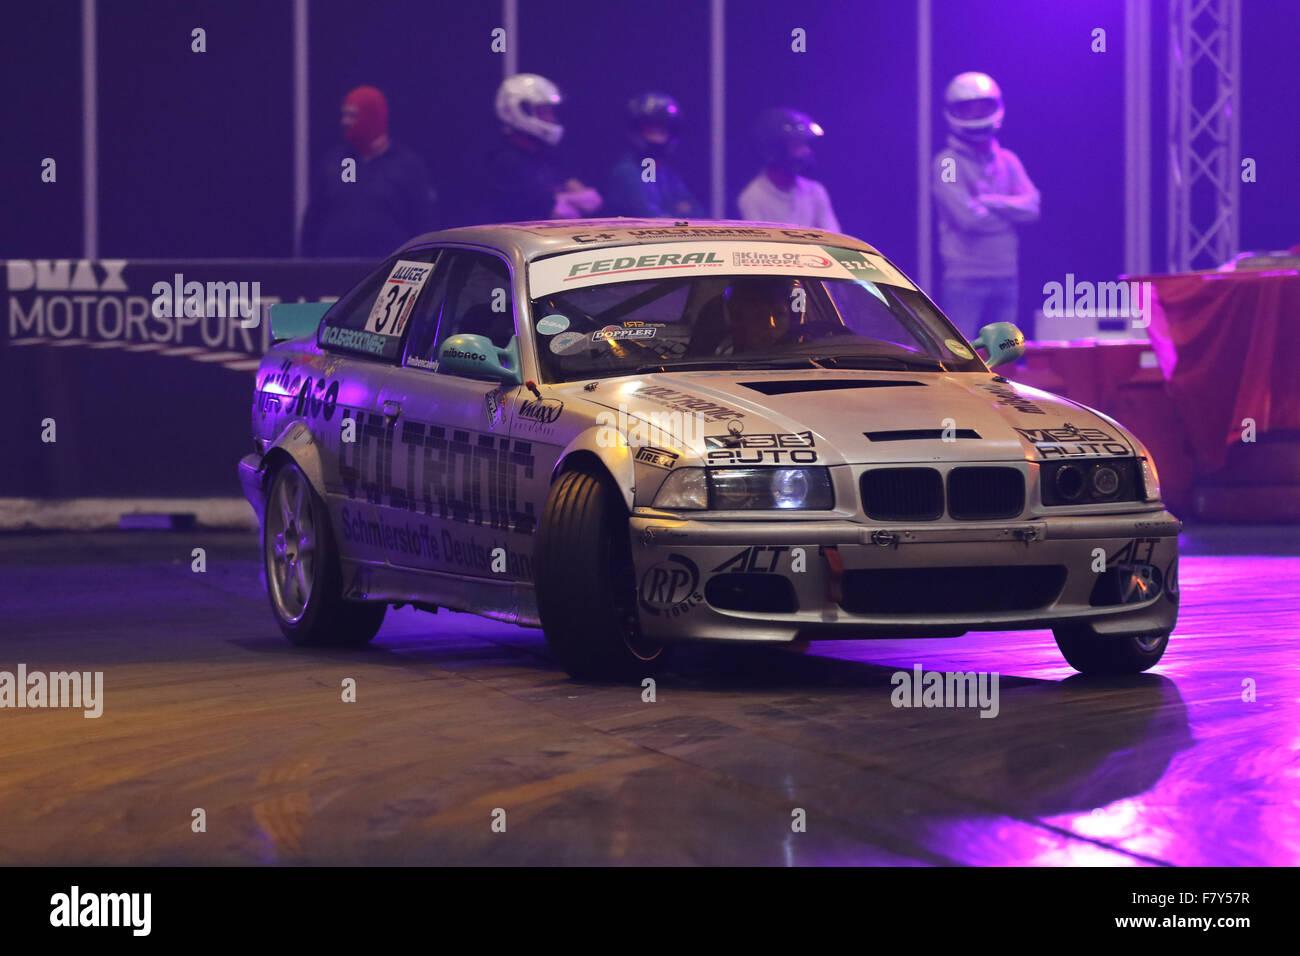 Essen, Deutschland. 3. Dezember 2015. Essen Motor Show.  DMAX Motorsport Arena. Bildnachweis: Ashley Greb/Alamy Stockbild